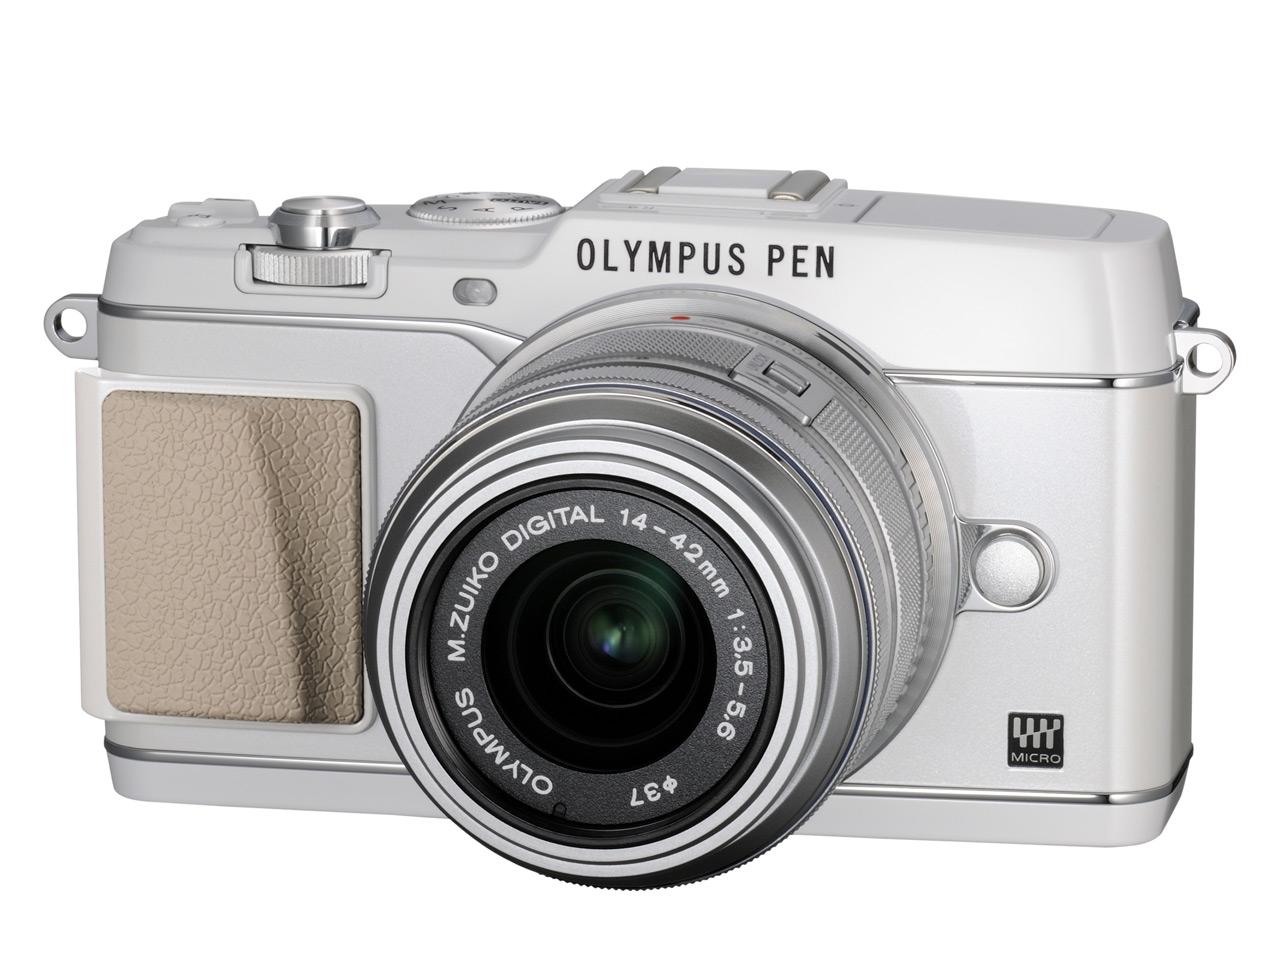 Novas Olympus PEN E-P5 e E-PL6 - Fotografia DG